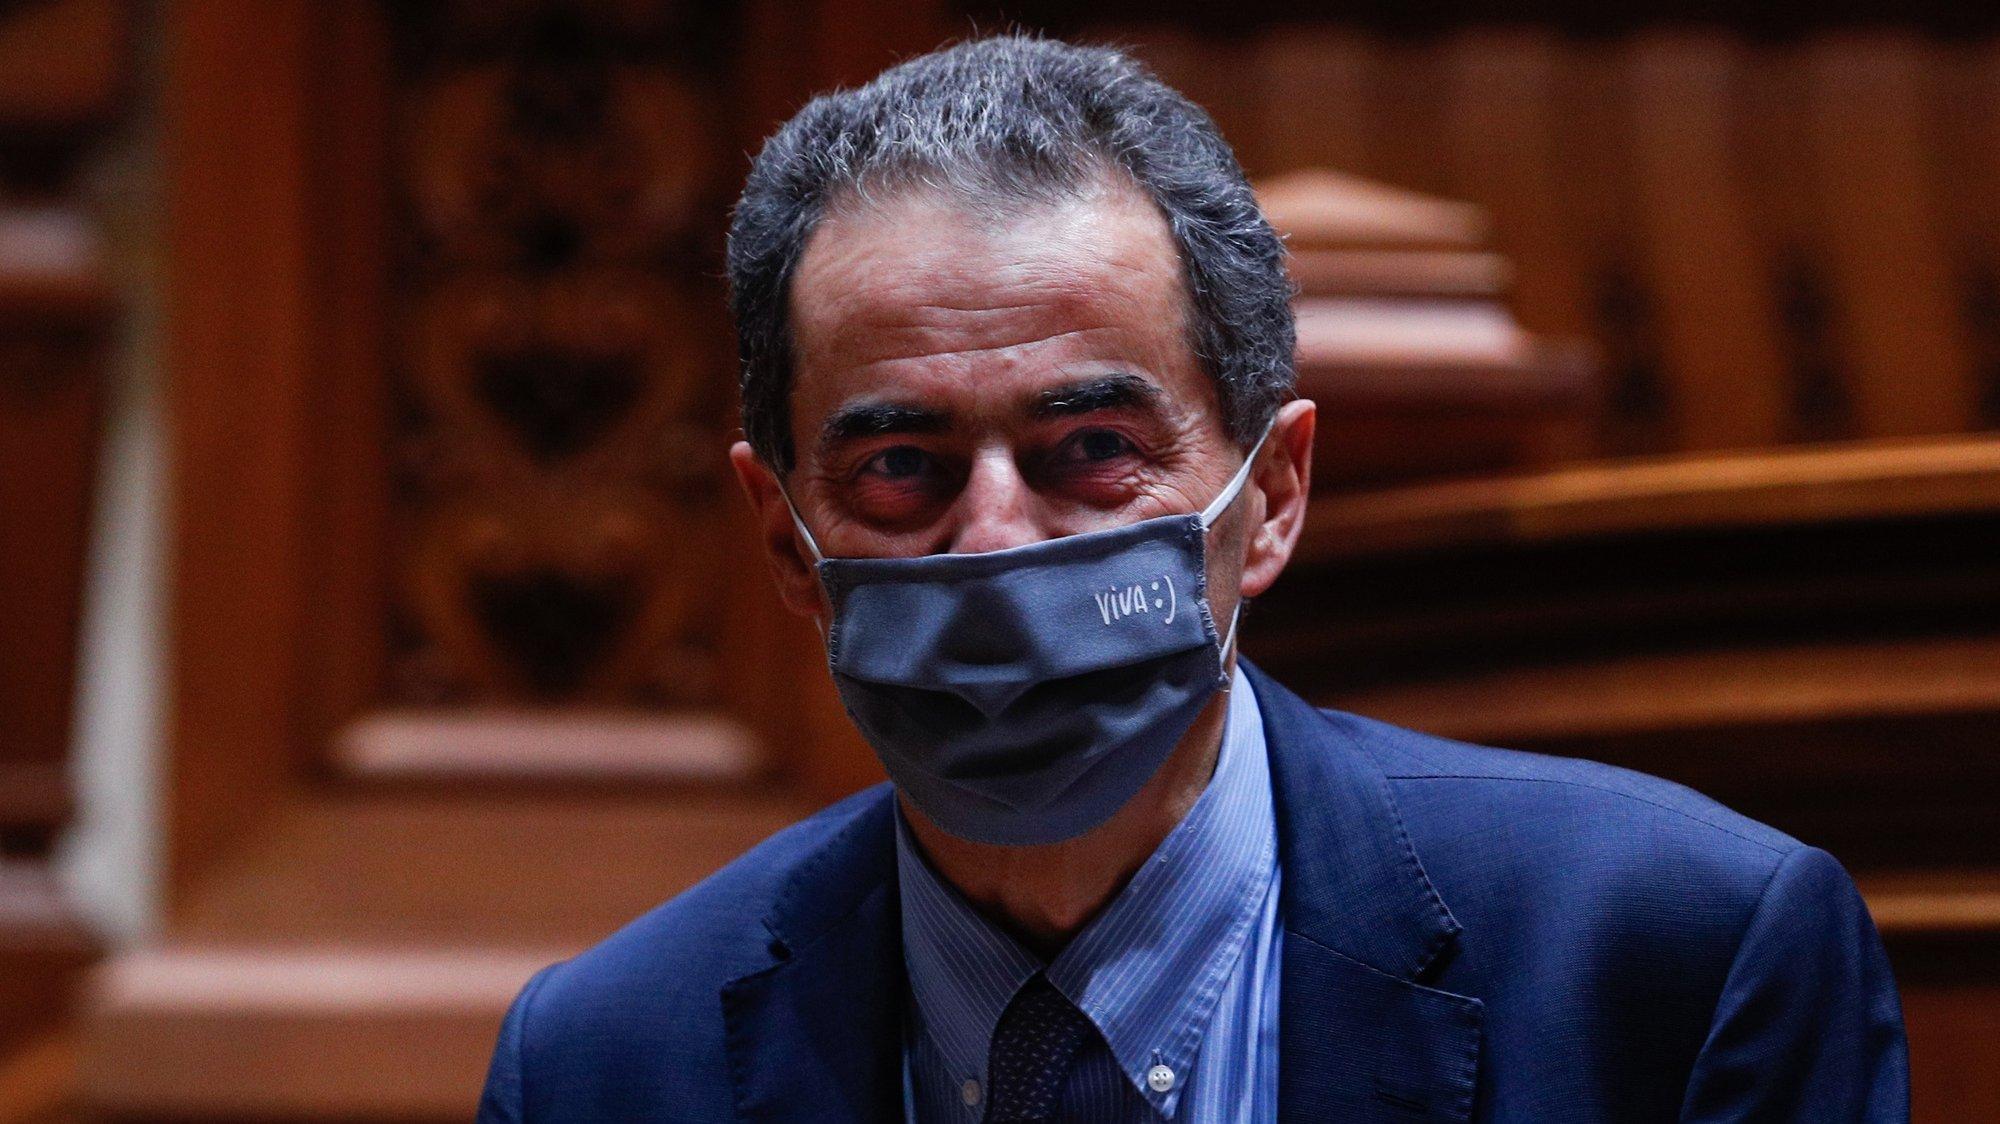 O ministro da Ciência, Tecnologia e Ensino Superior, Manuel Heitor, à sua chegada para a audição na Comissão de Orçamento e Finanças, no âmbito da apreciação na especialidade do Orçamento do Estado de 2021 (OE2021) que decorreu na  na Assembleia da República, em Lisboa, 29 de outubro de 2020. ANTÓNIO COTRIM/LUSA